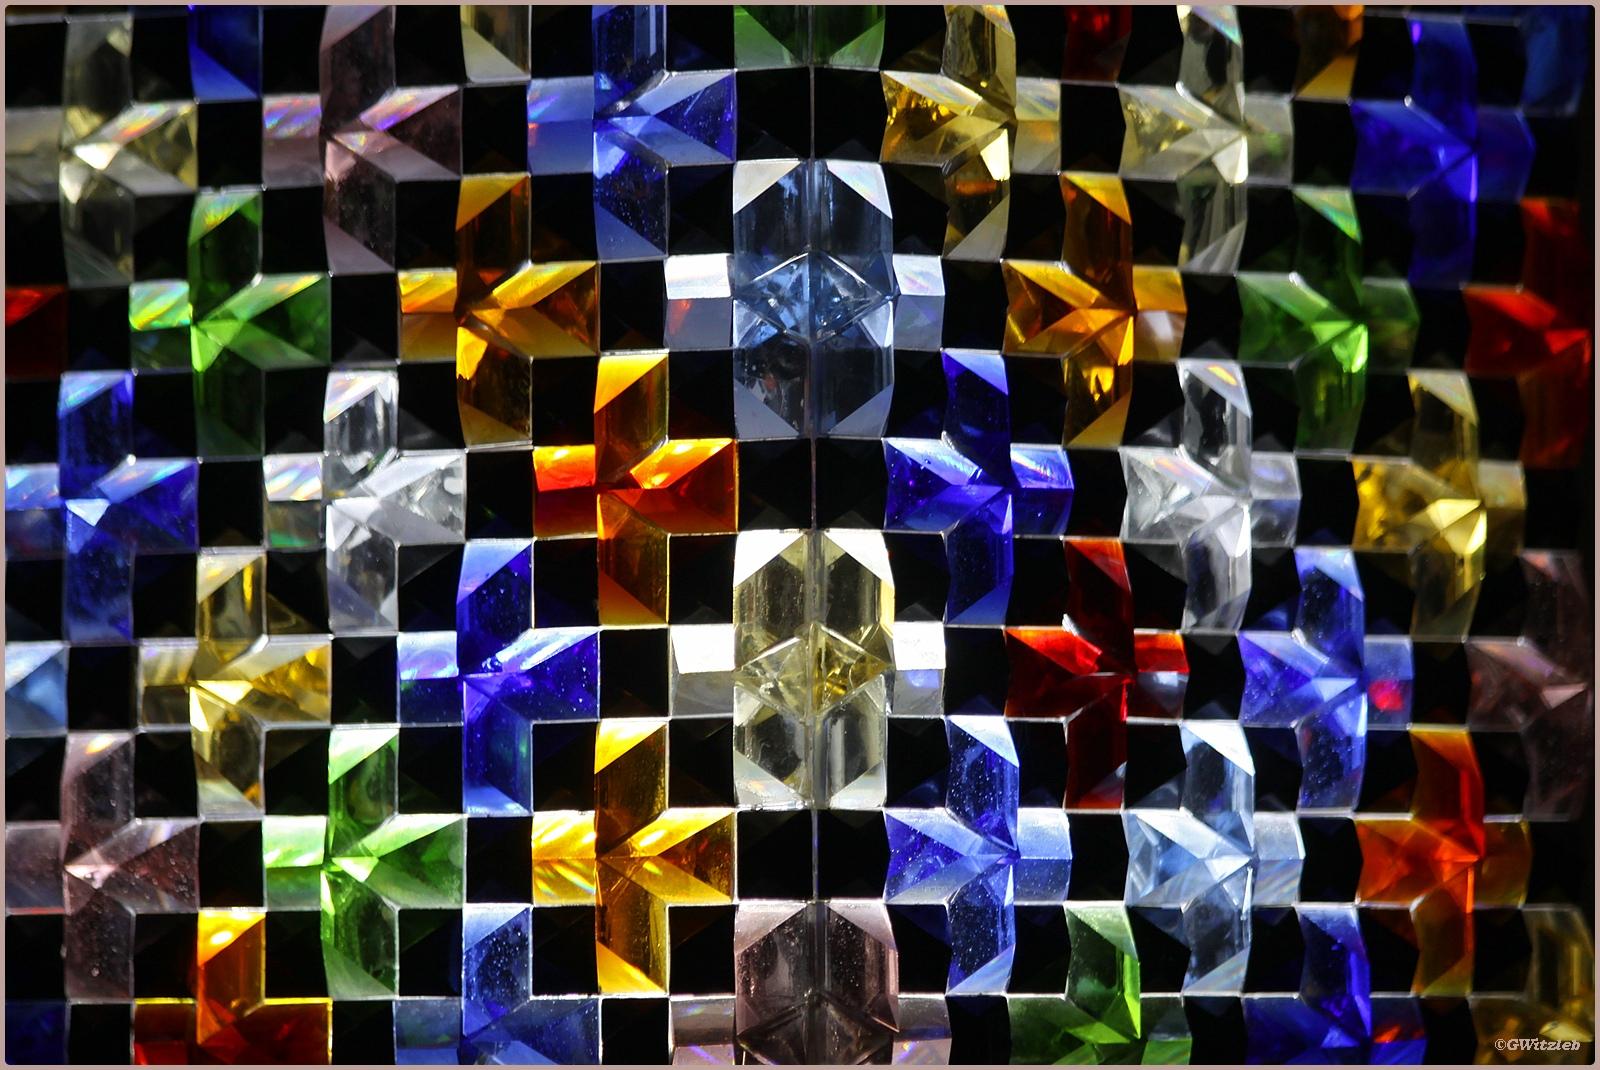 photo37 le photoblog de gunter witzleb travail sur le cube. Black Bedroom Furniture Sets. Home Design Ideas